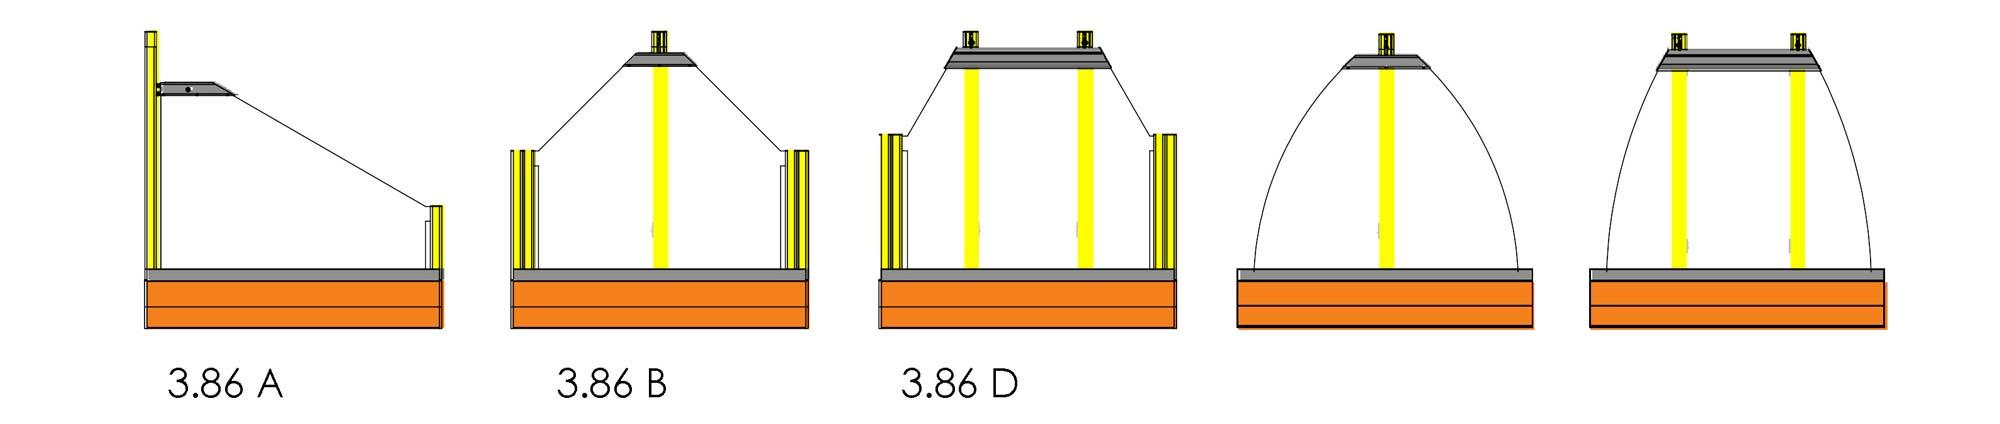 Vorhang dreiecksfenster entz ckende inspiration for Dreiecksfenster rollo